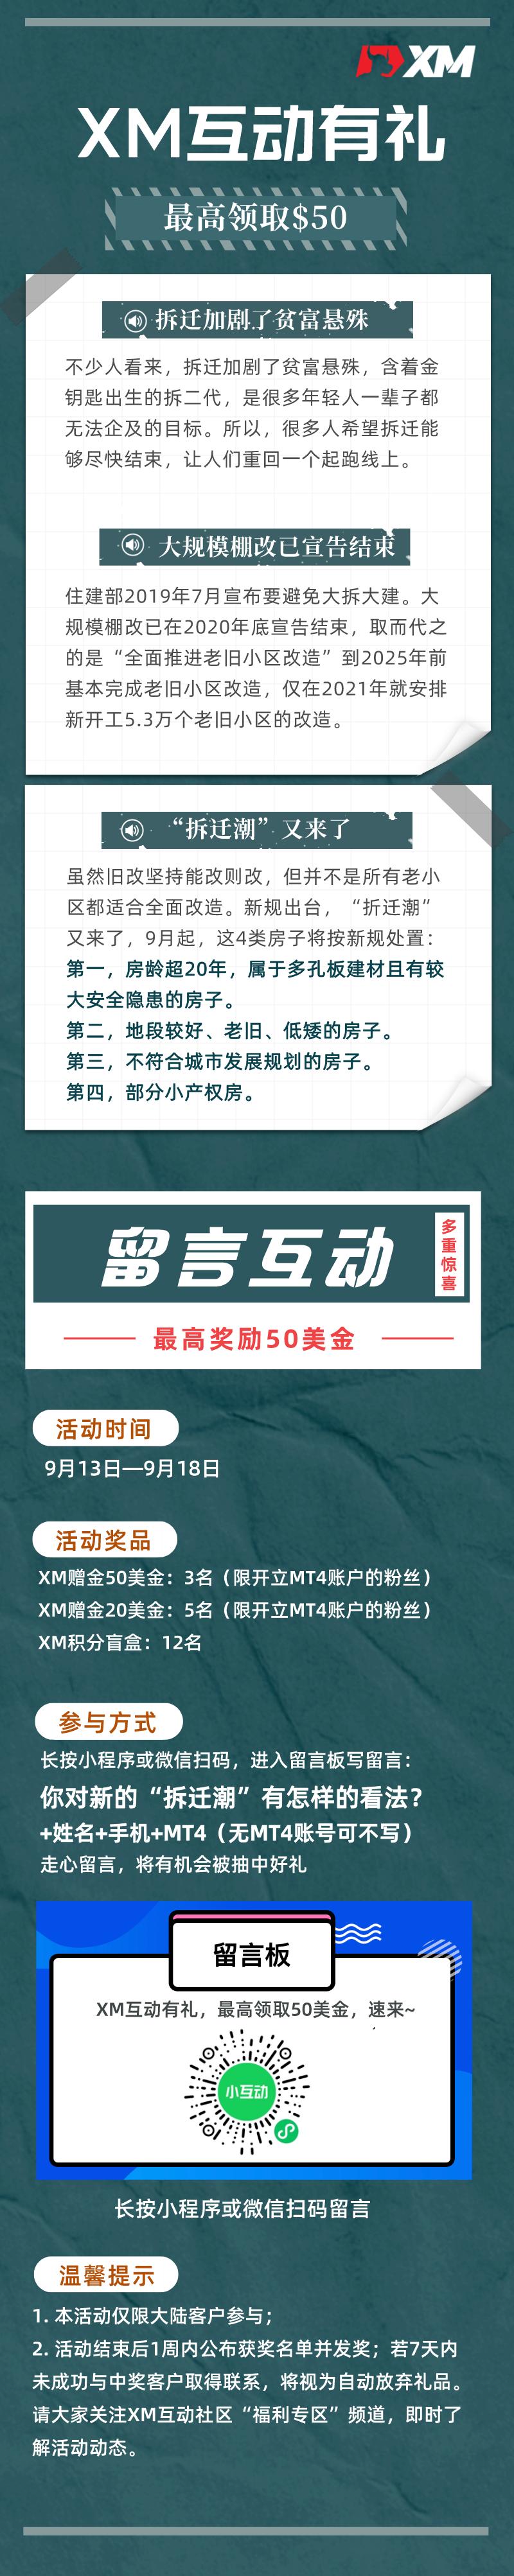 第十一期互动有礼(9.13-9.18).png